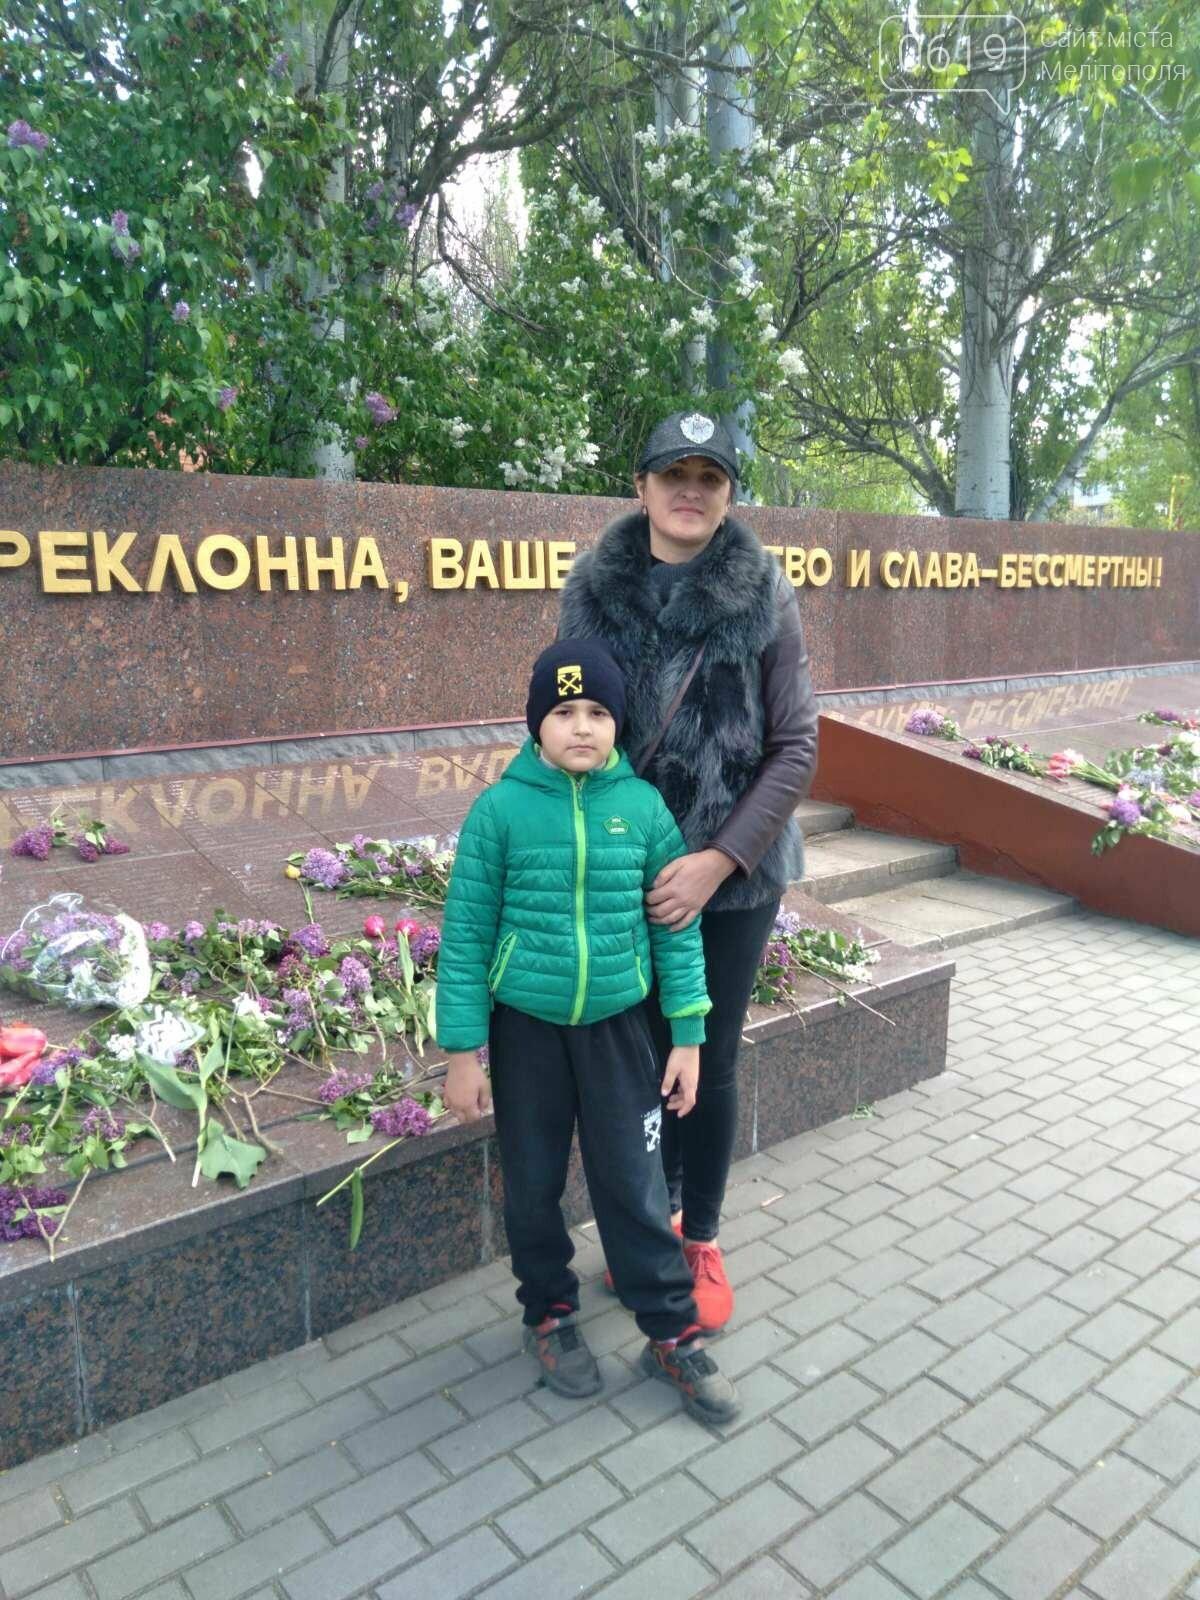 Оксана Працько пришла на праздник с сыном Артемом